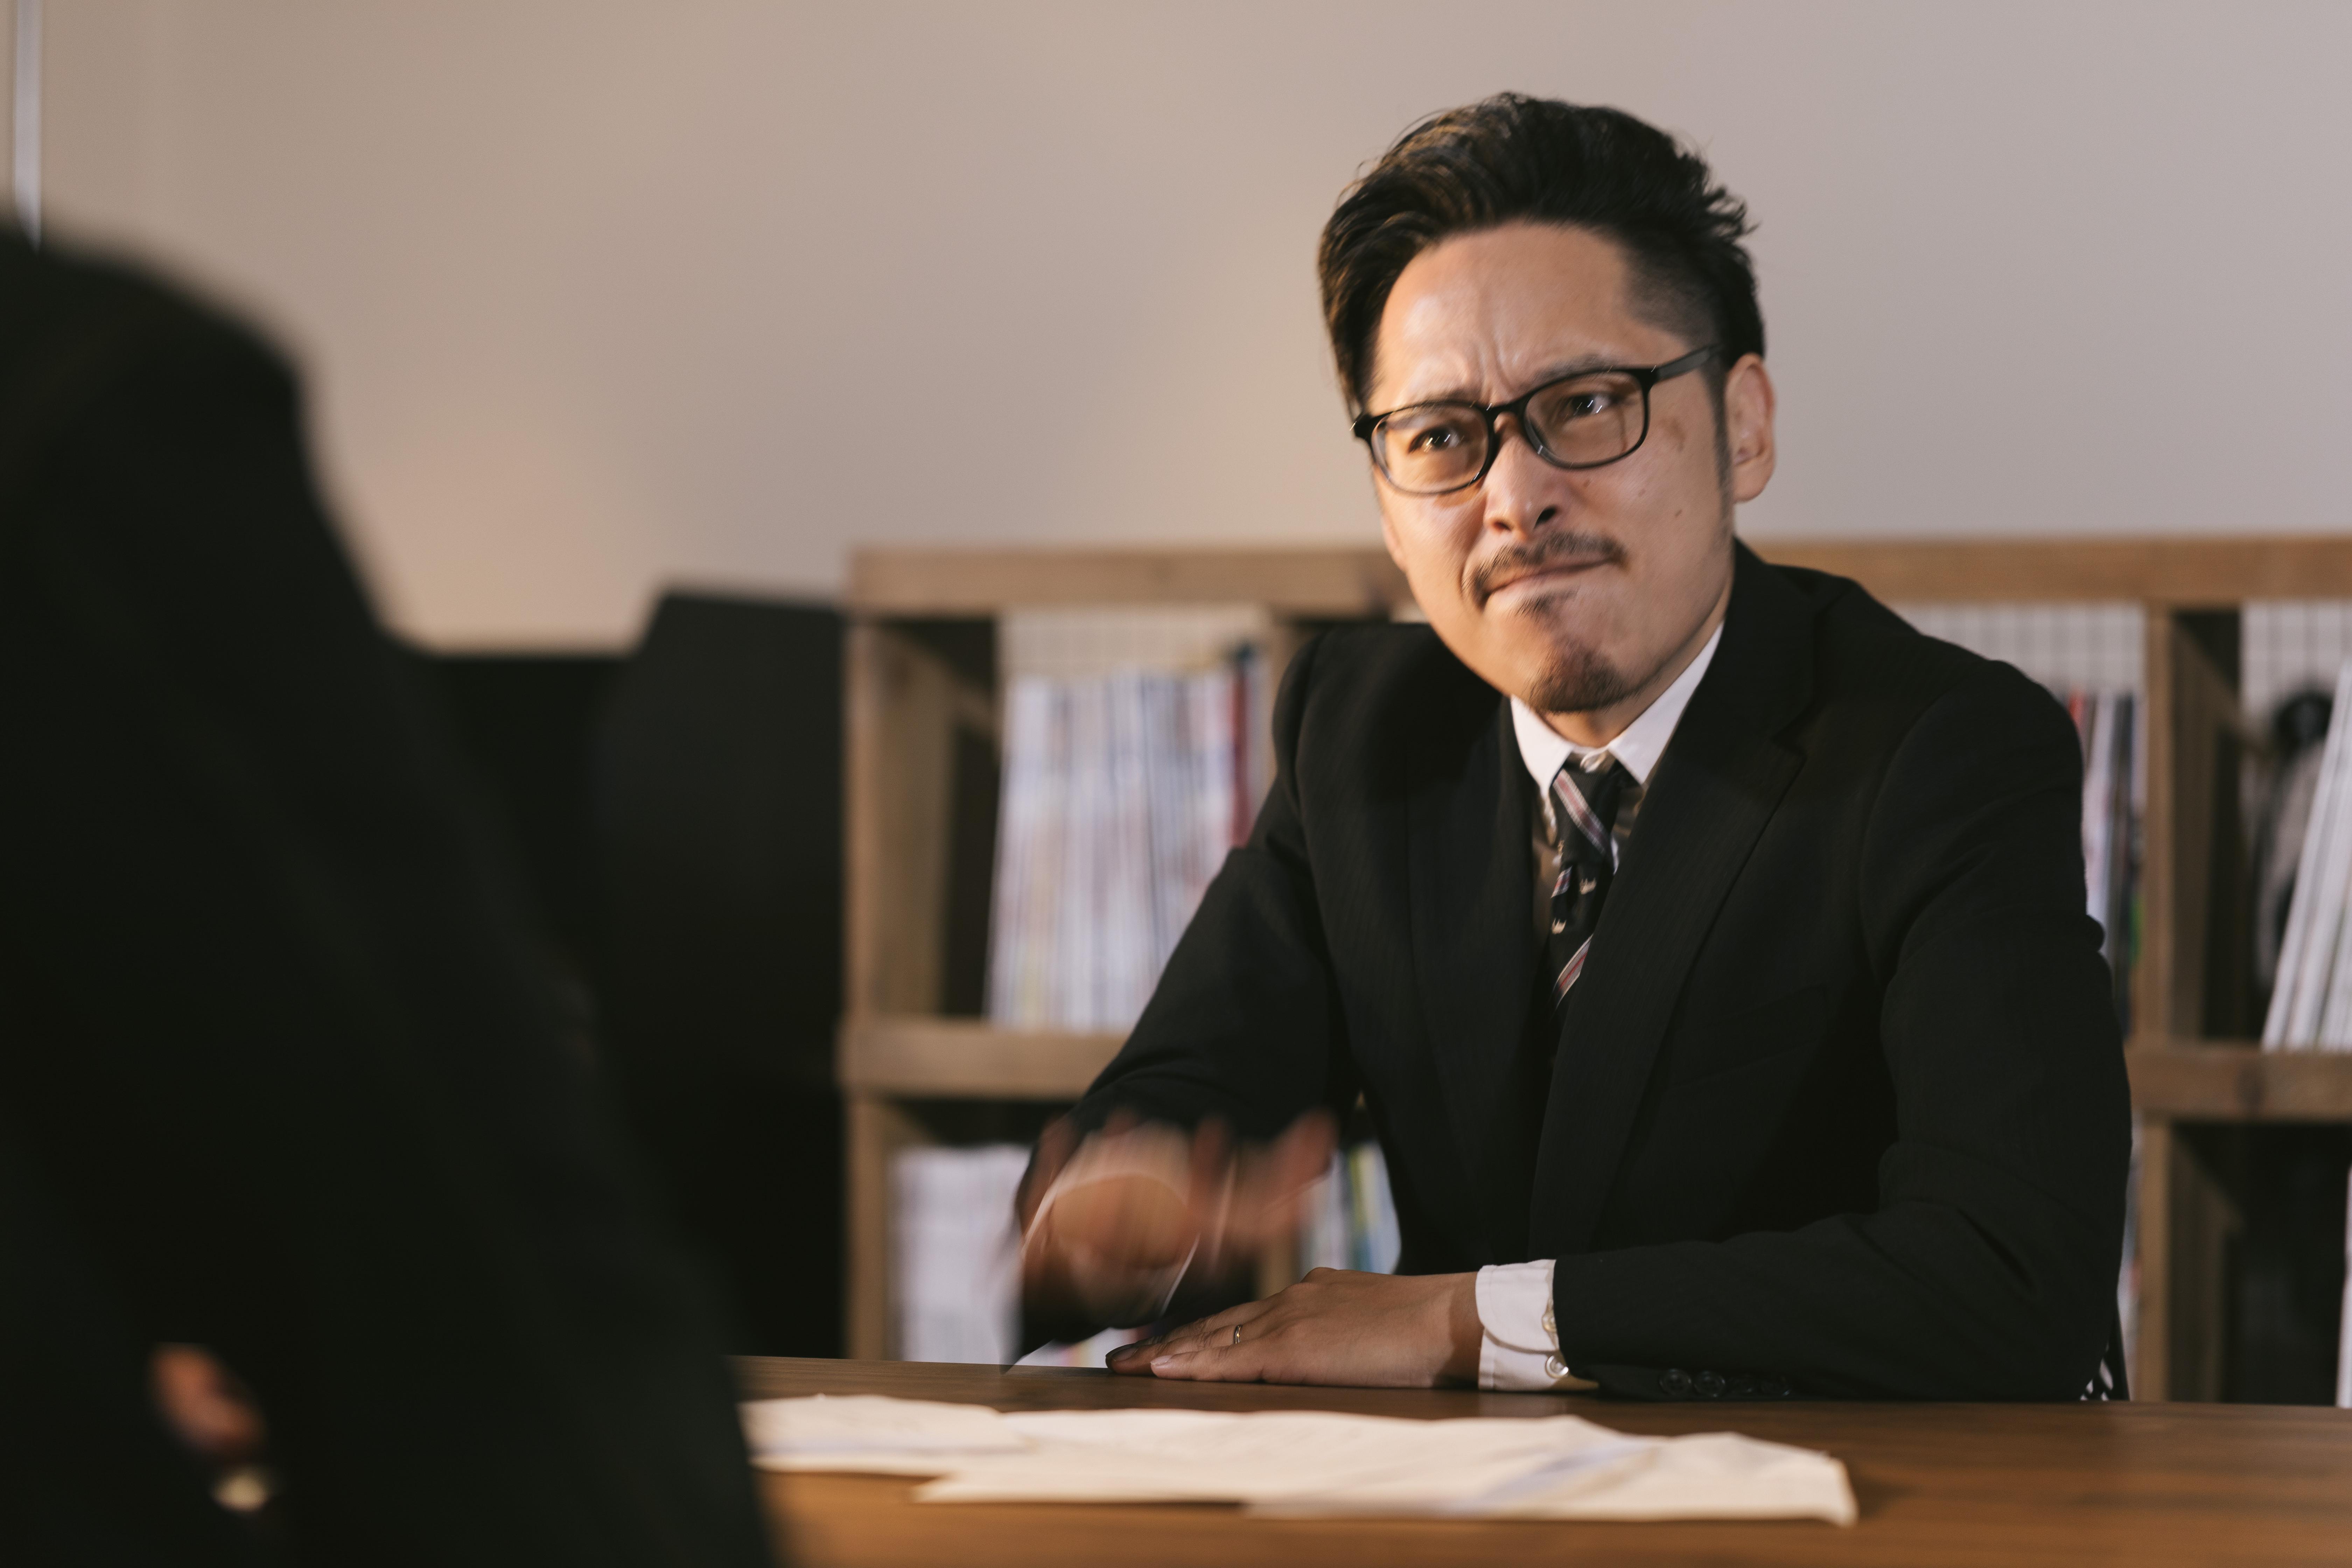 ▲上司。(圖/取自免費圖庫pakutaso)